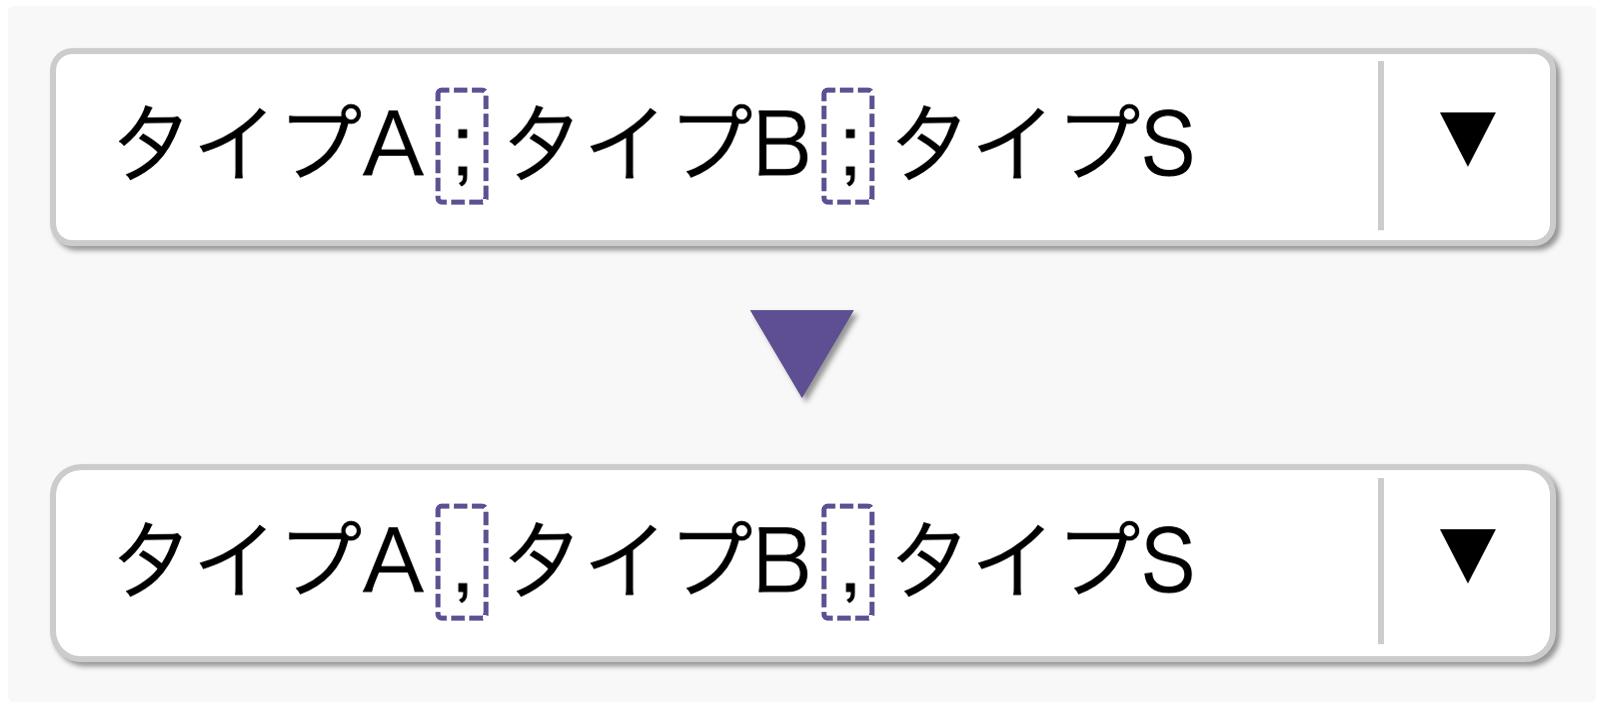 区切り文字の変更